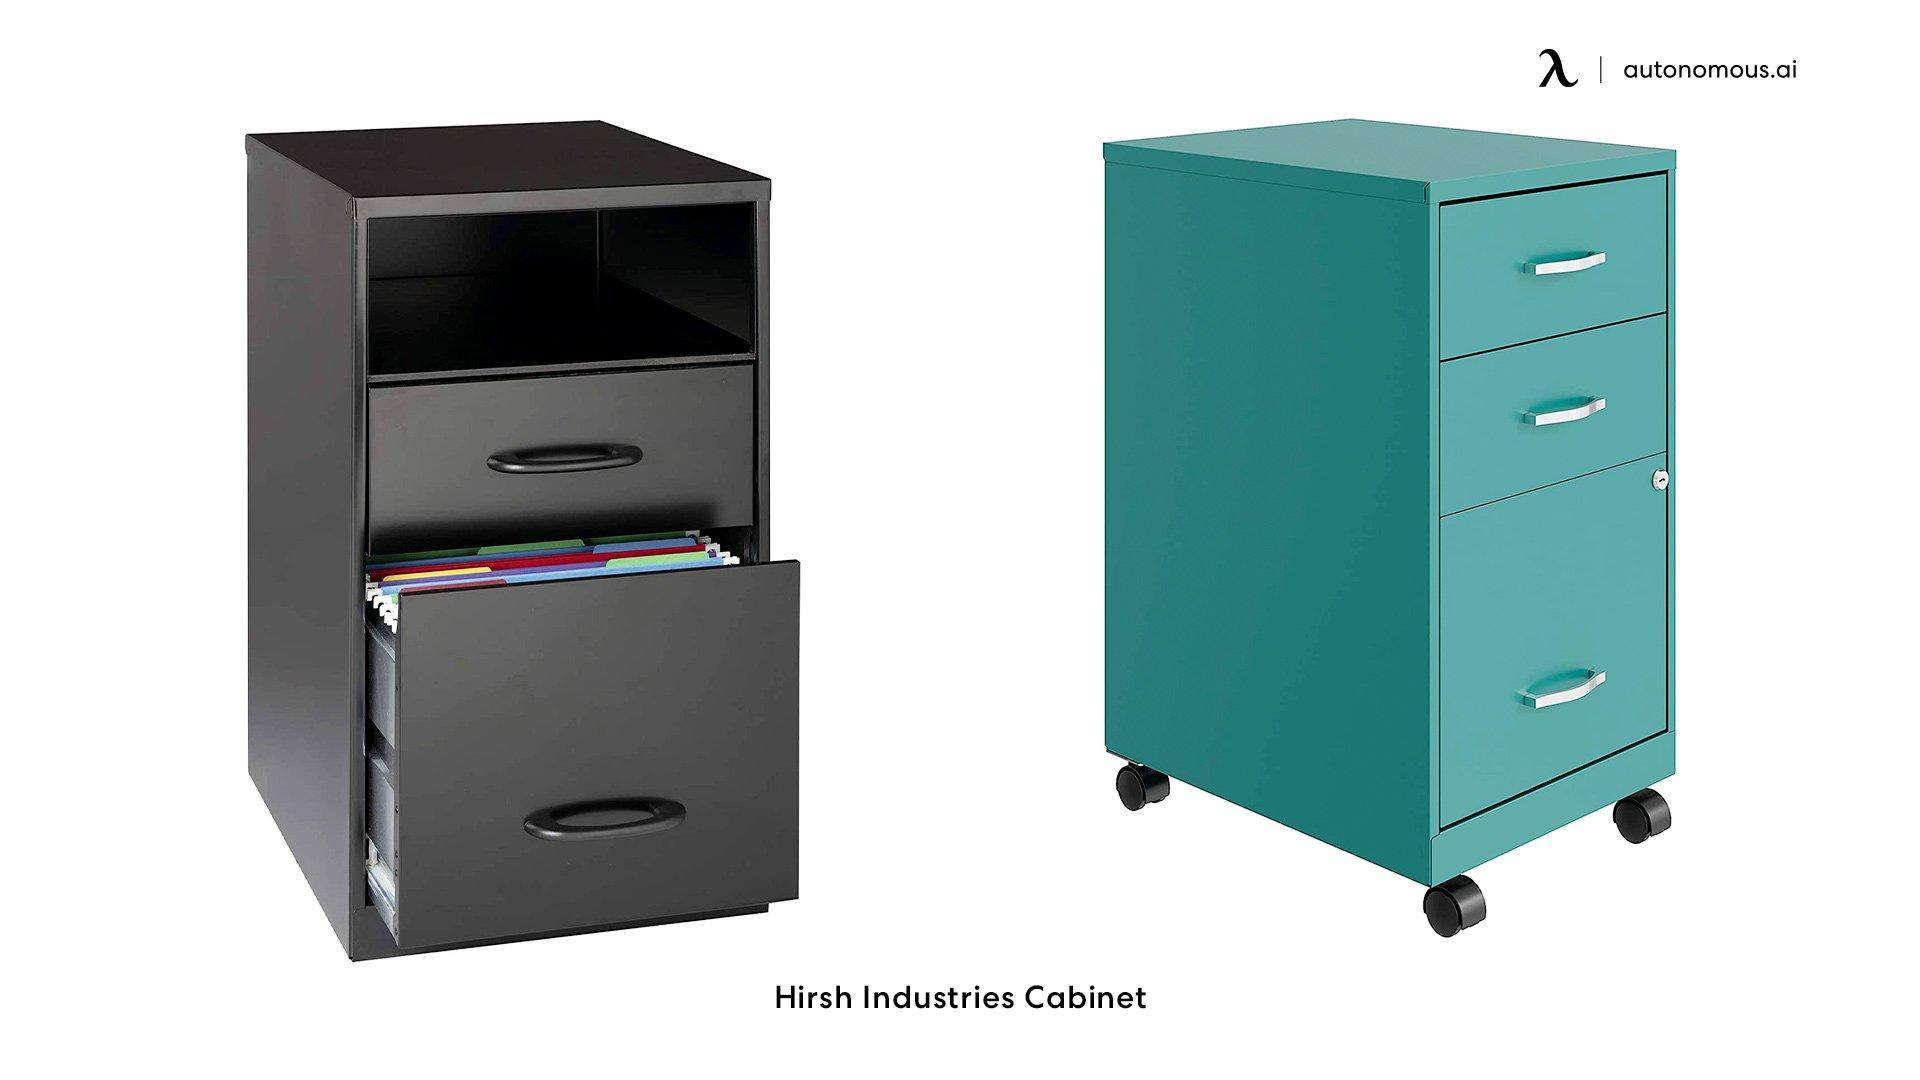 Hirsh Industries